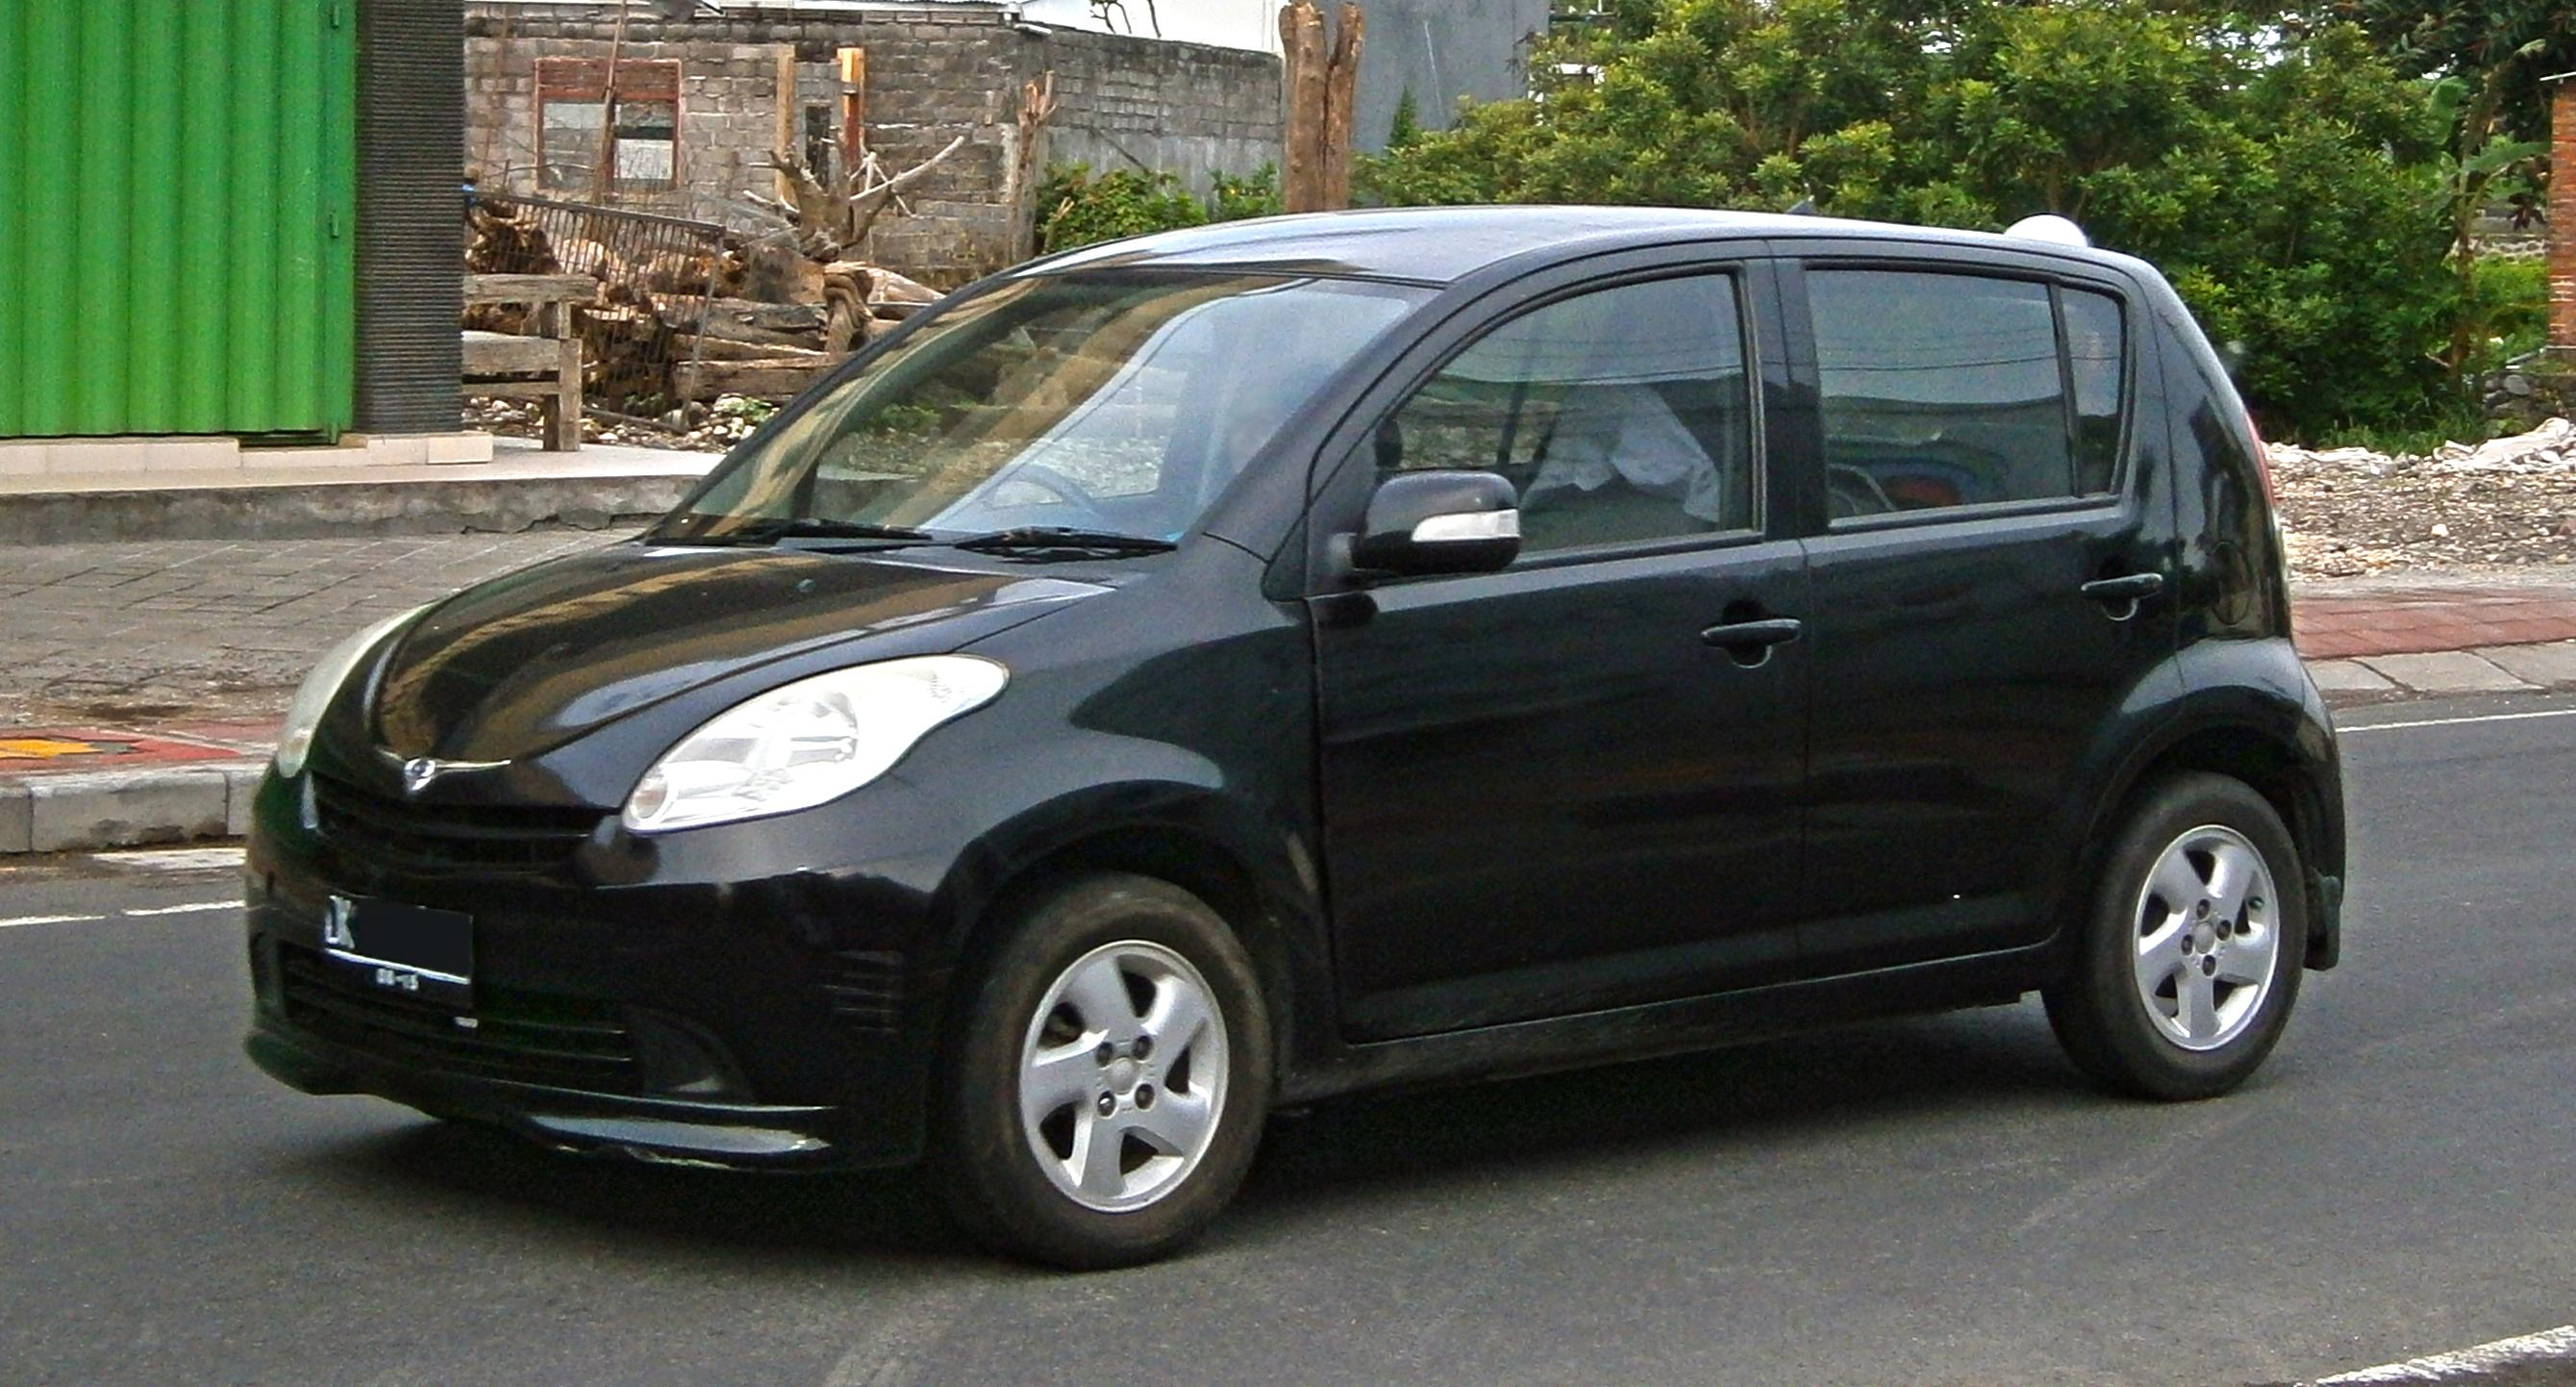 2010 Daihatsu Sirion Partsopen